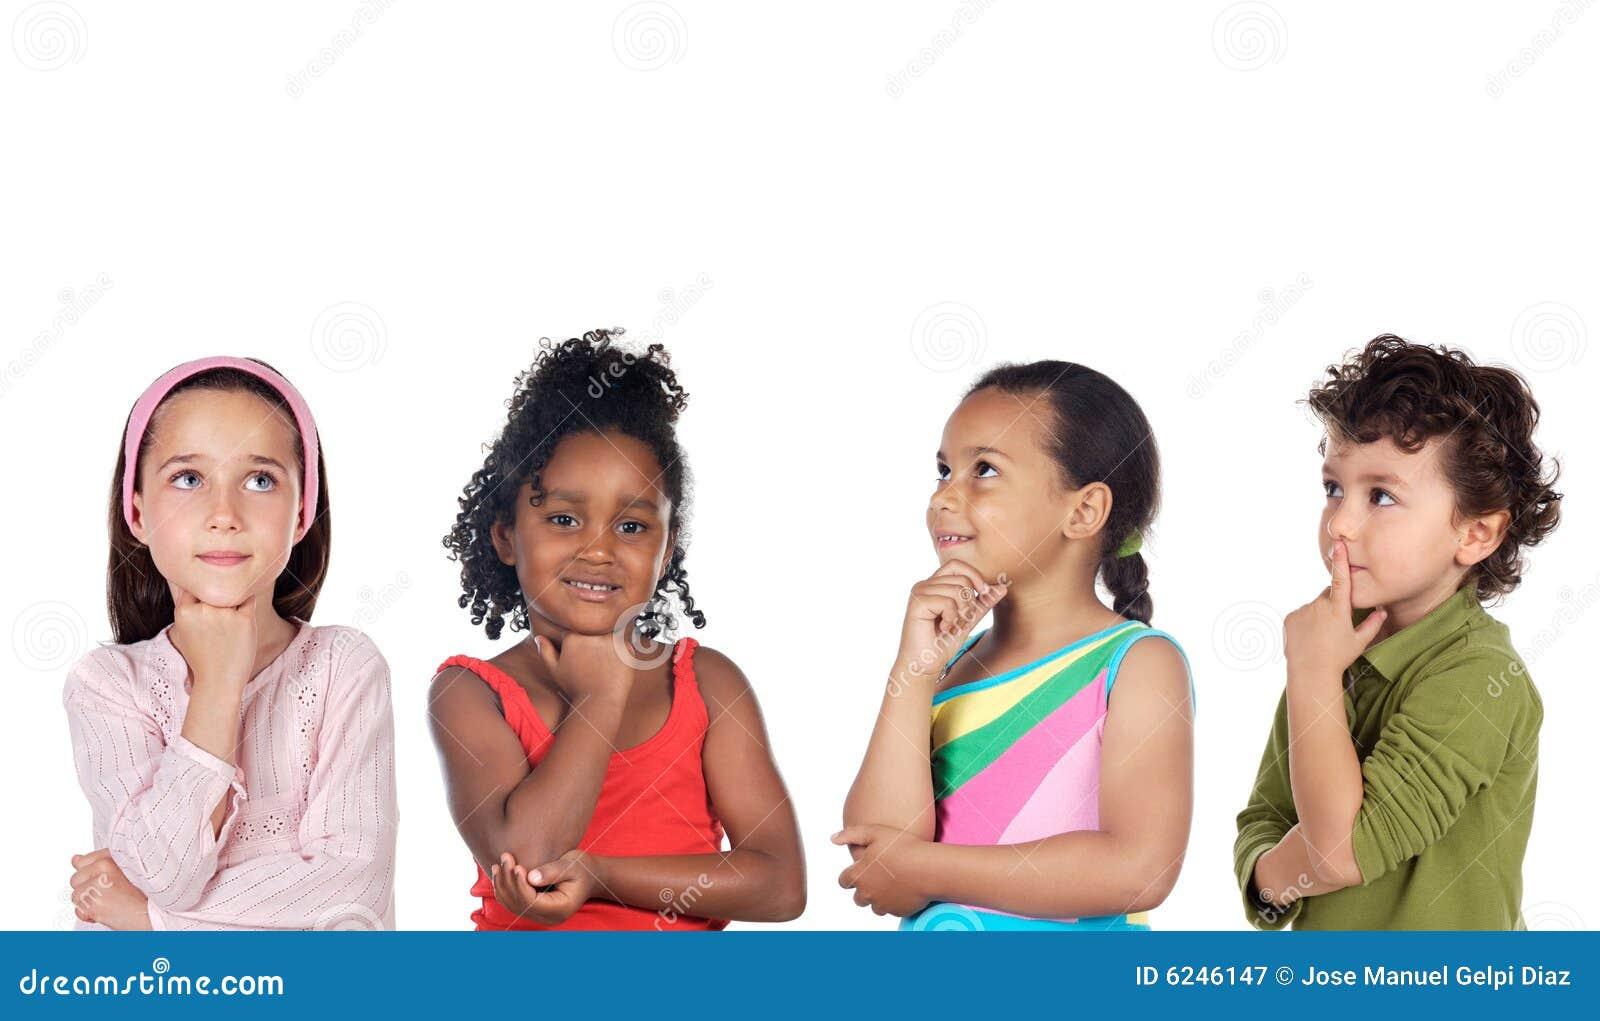 τα παιδιά ομαδοποιούν τη multiethnic σκέψη